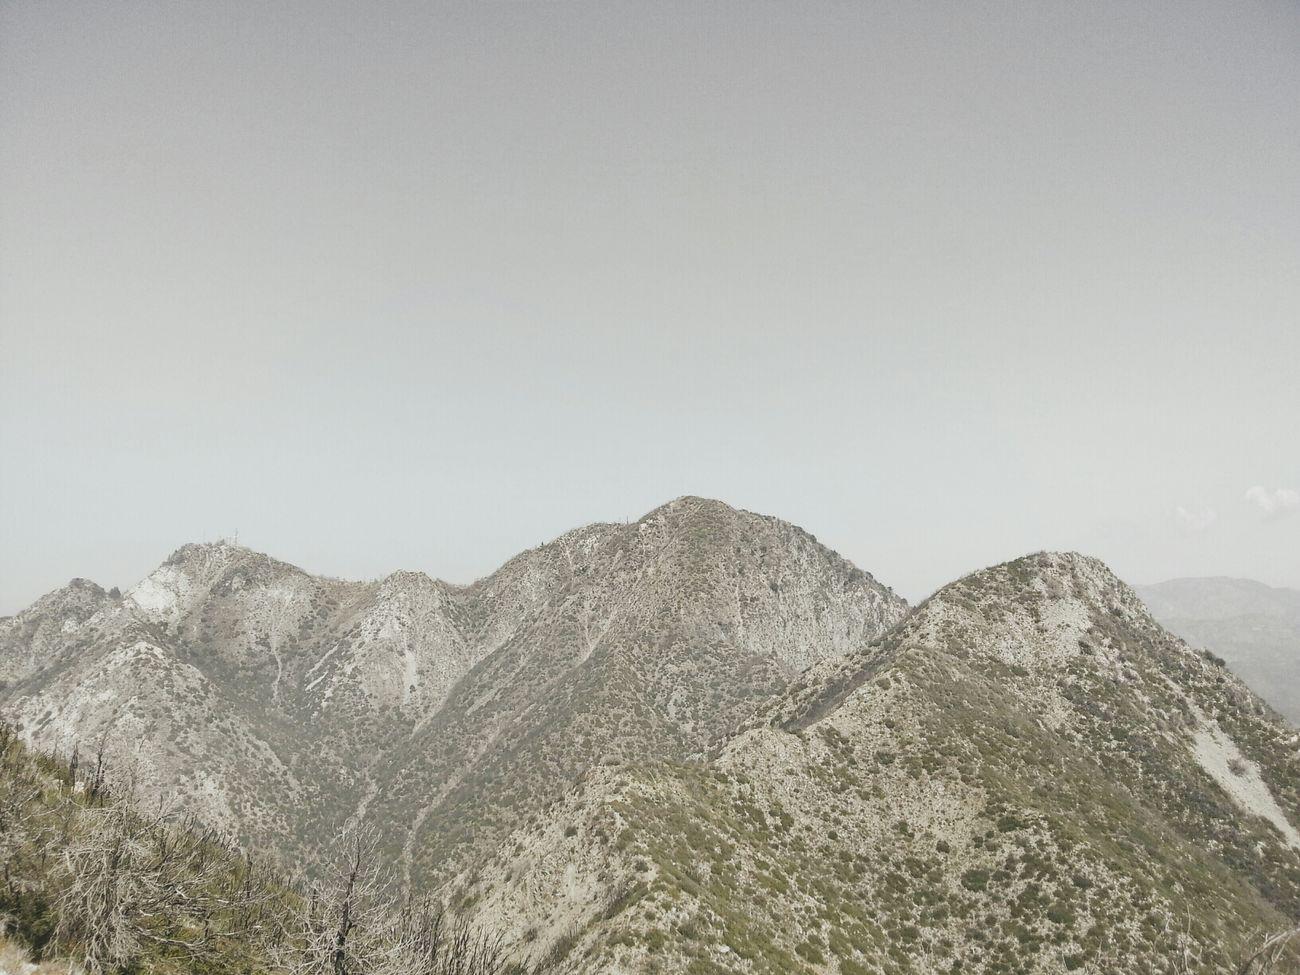 San Gabriel Peak Landscape Nature AMPt_community Vscocam